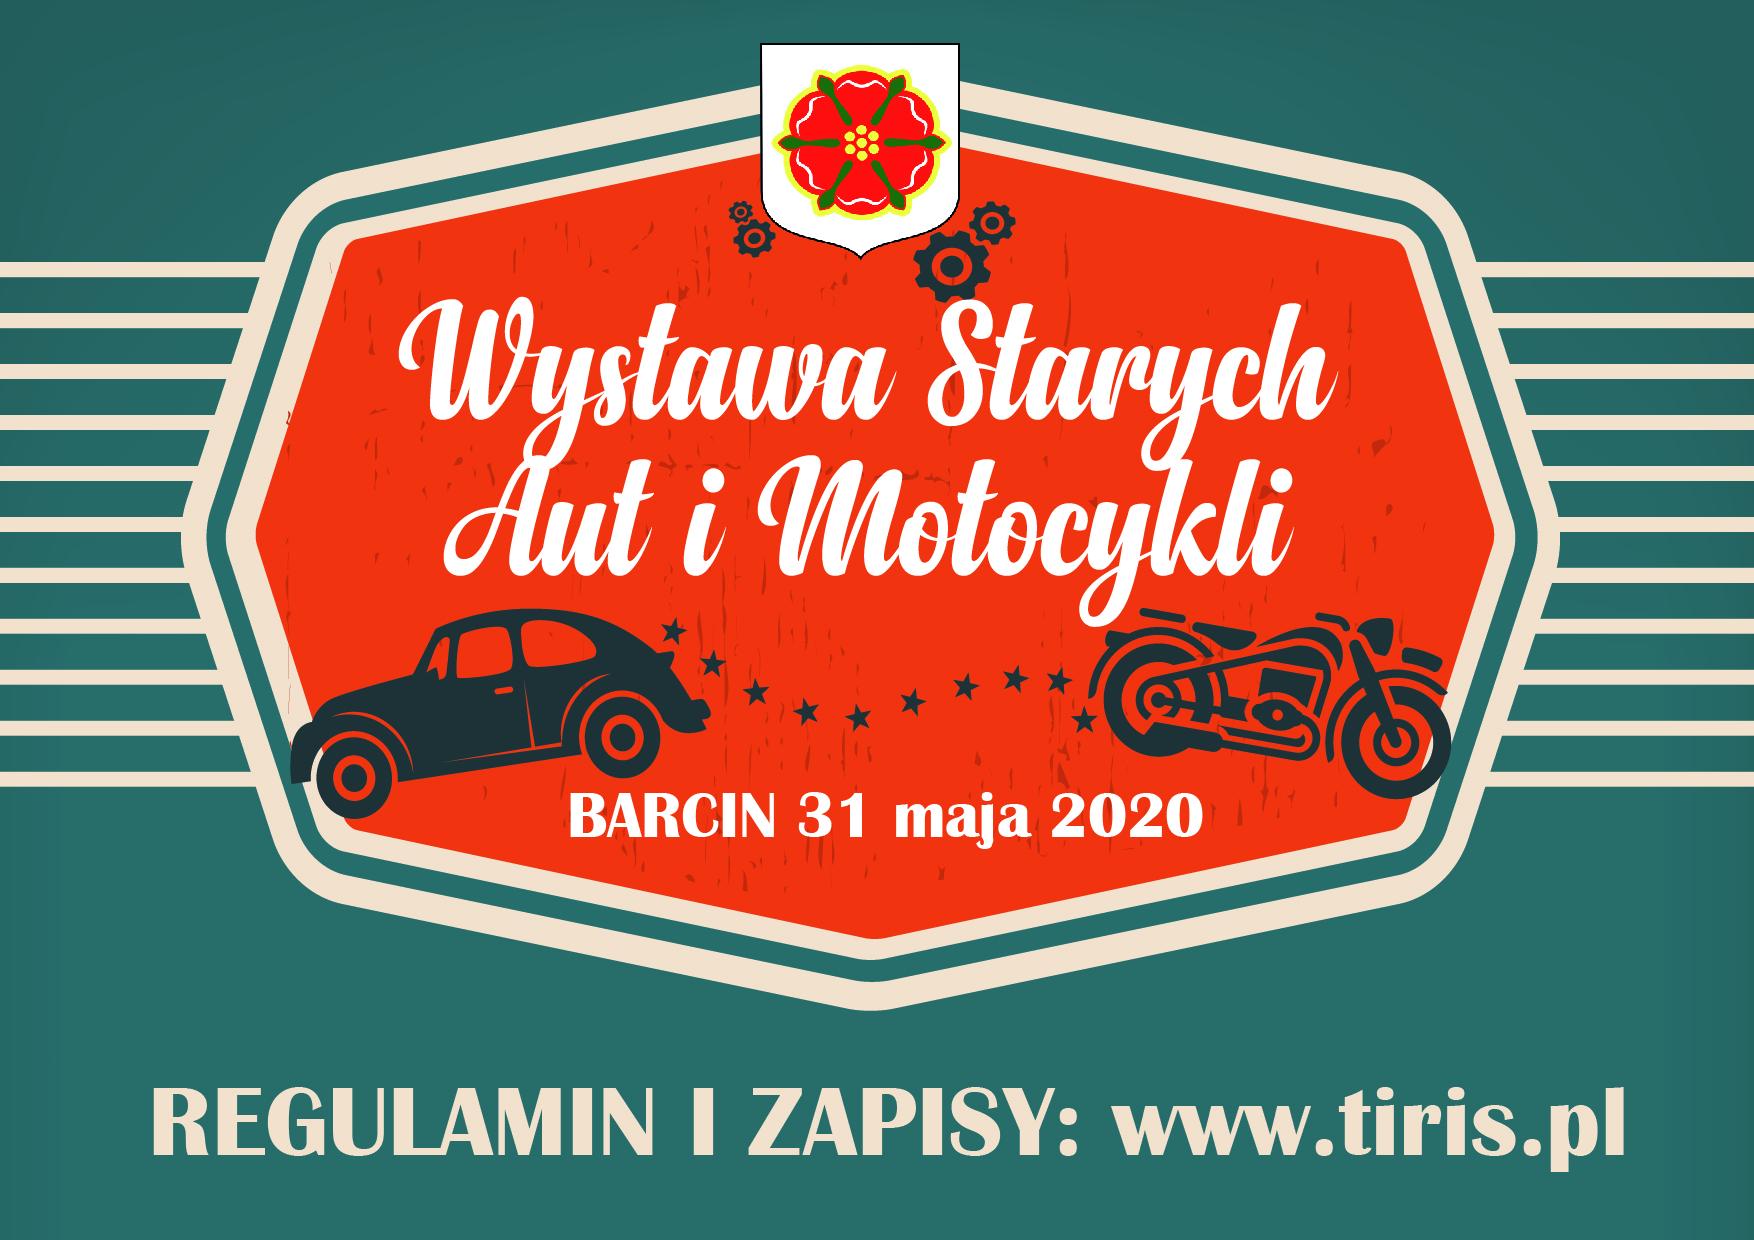 Wystawa Miłośników Starych Aut i Motocykli